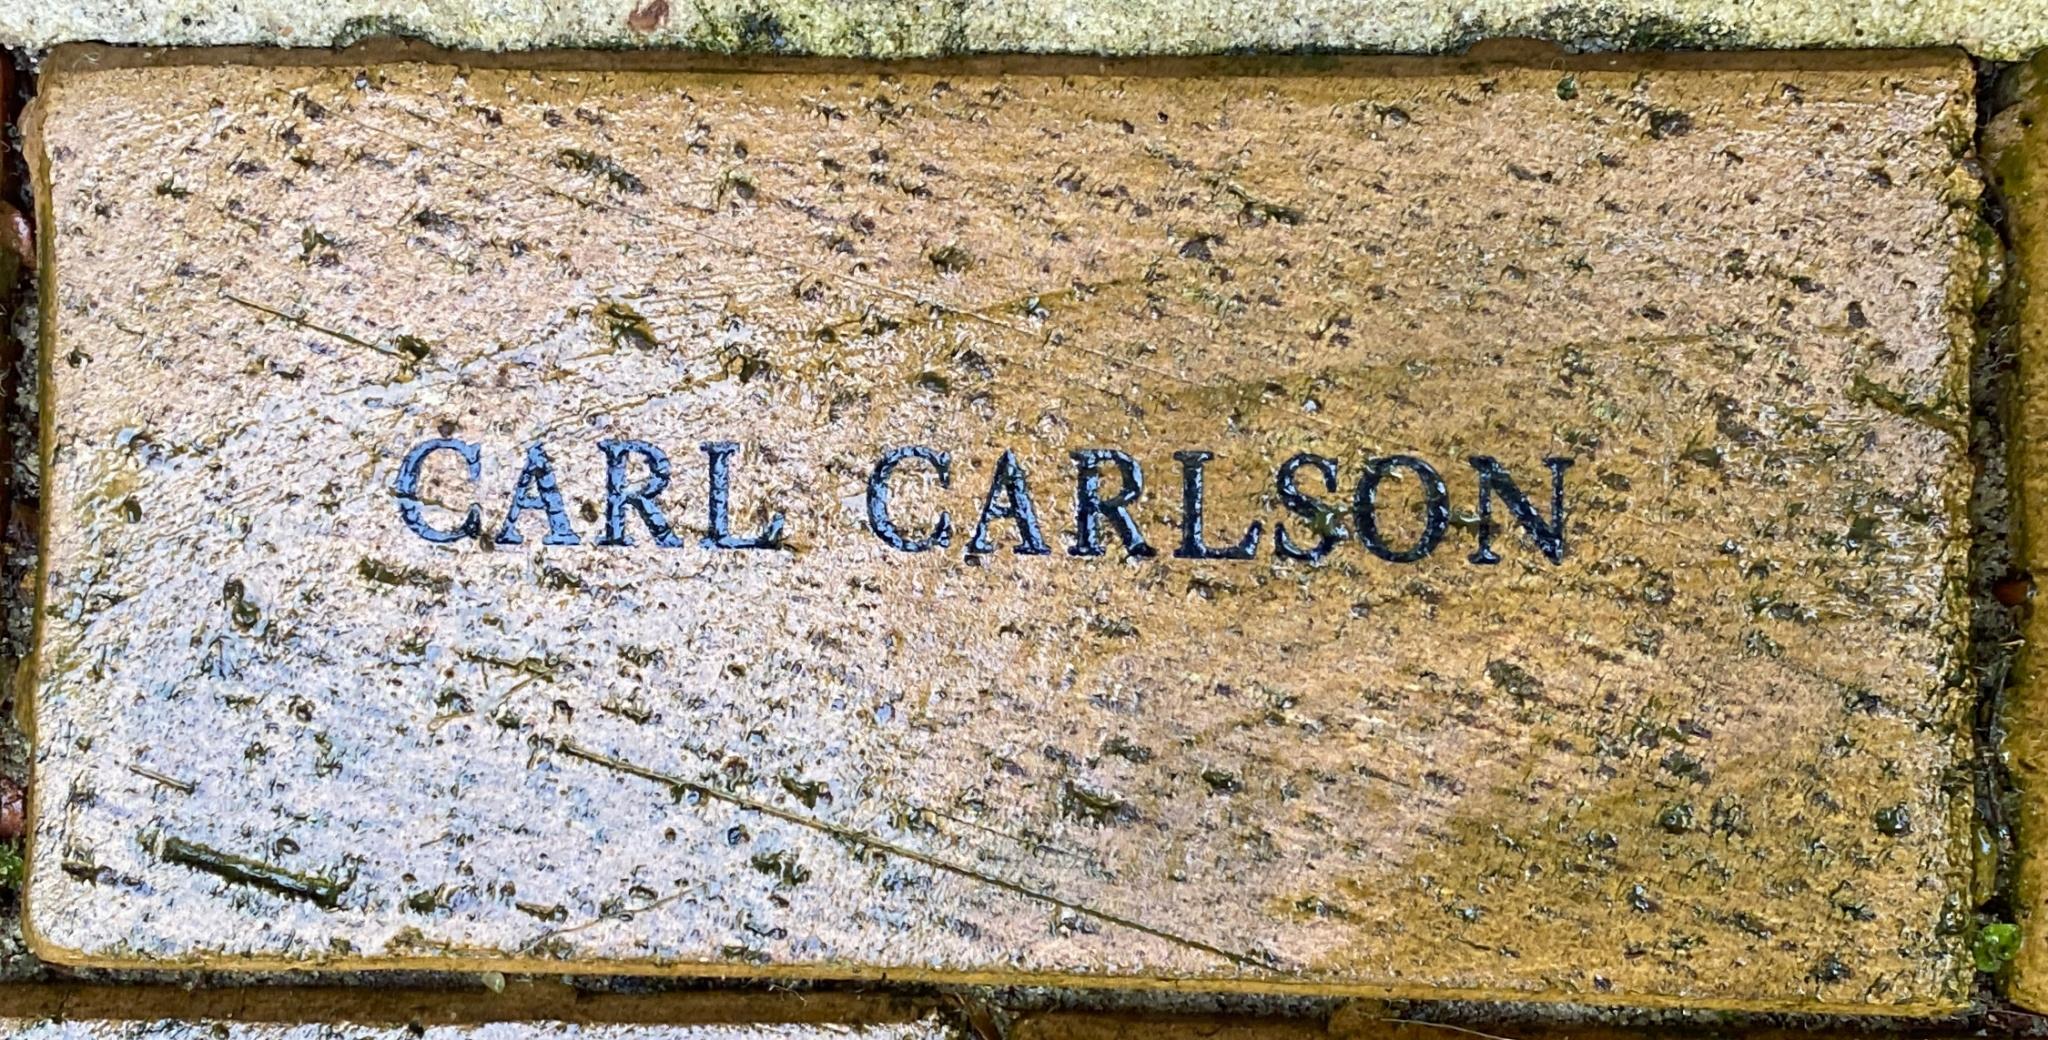 CARL CARLSON